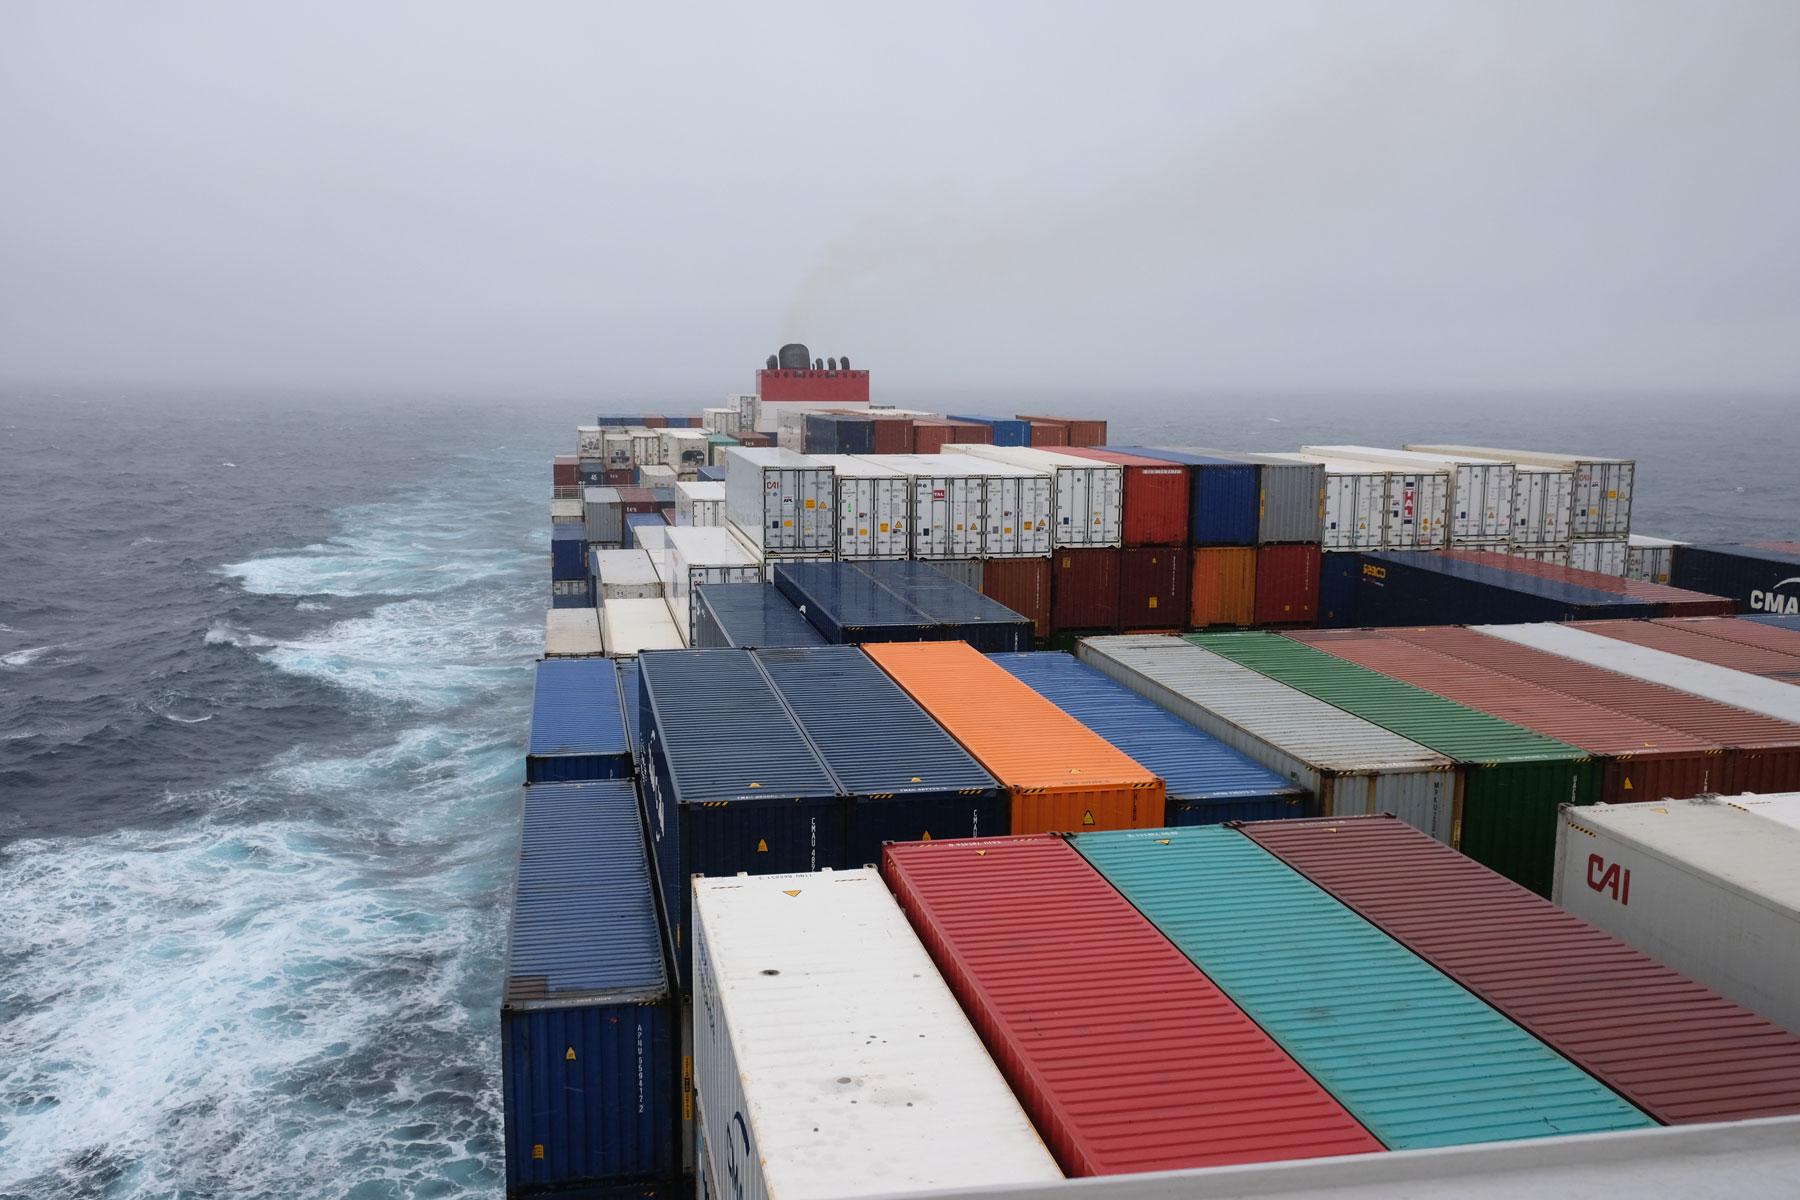 Blick auf ein Containerschiff.